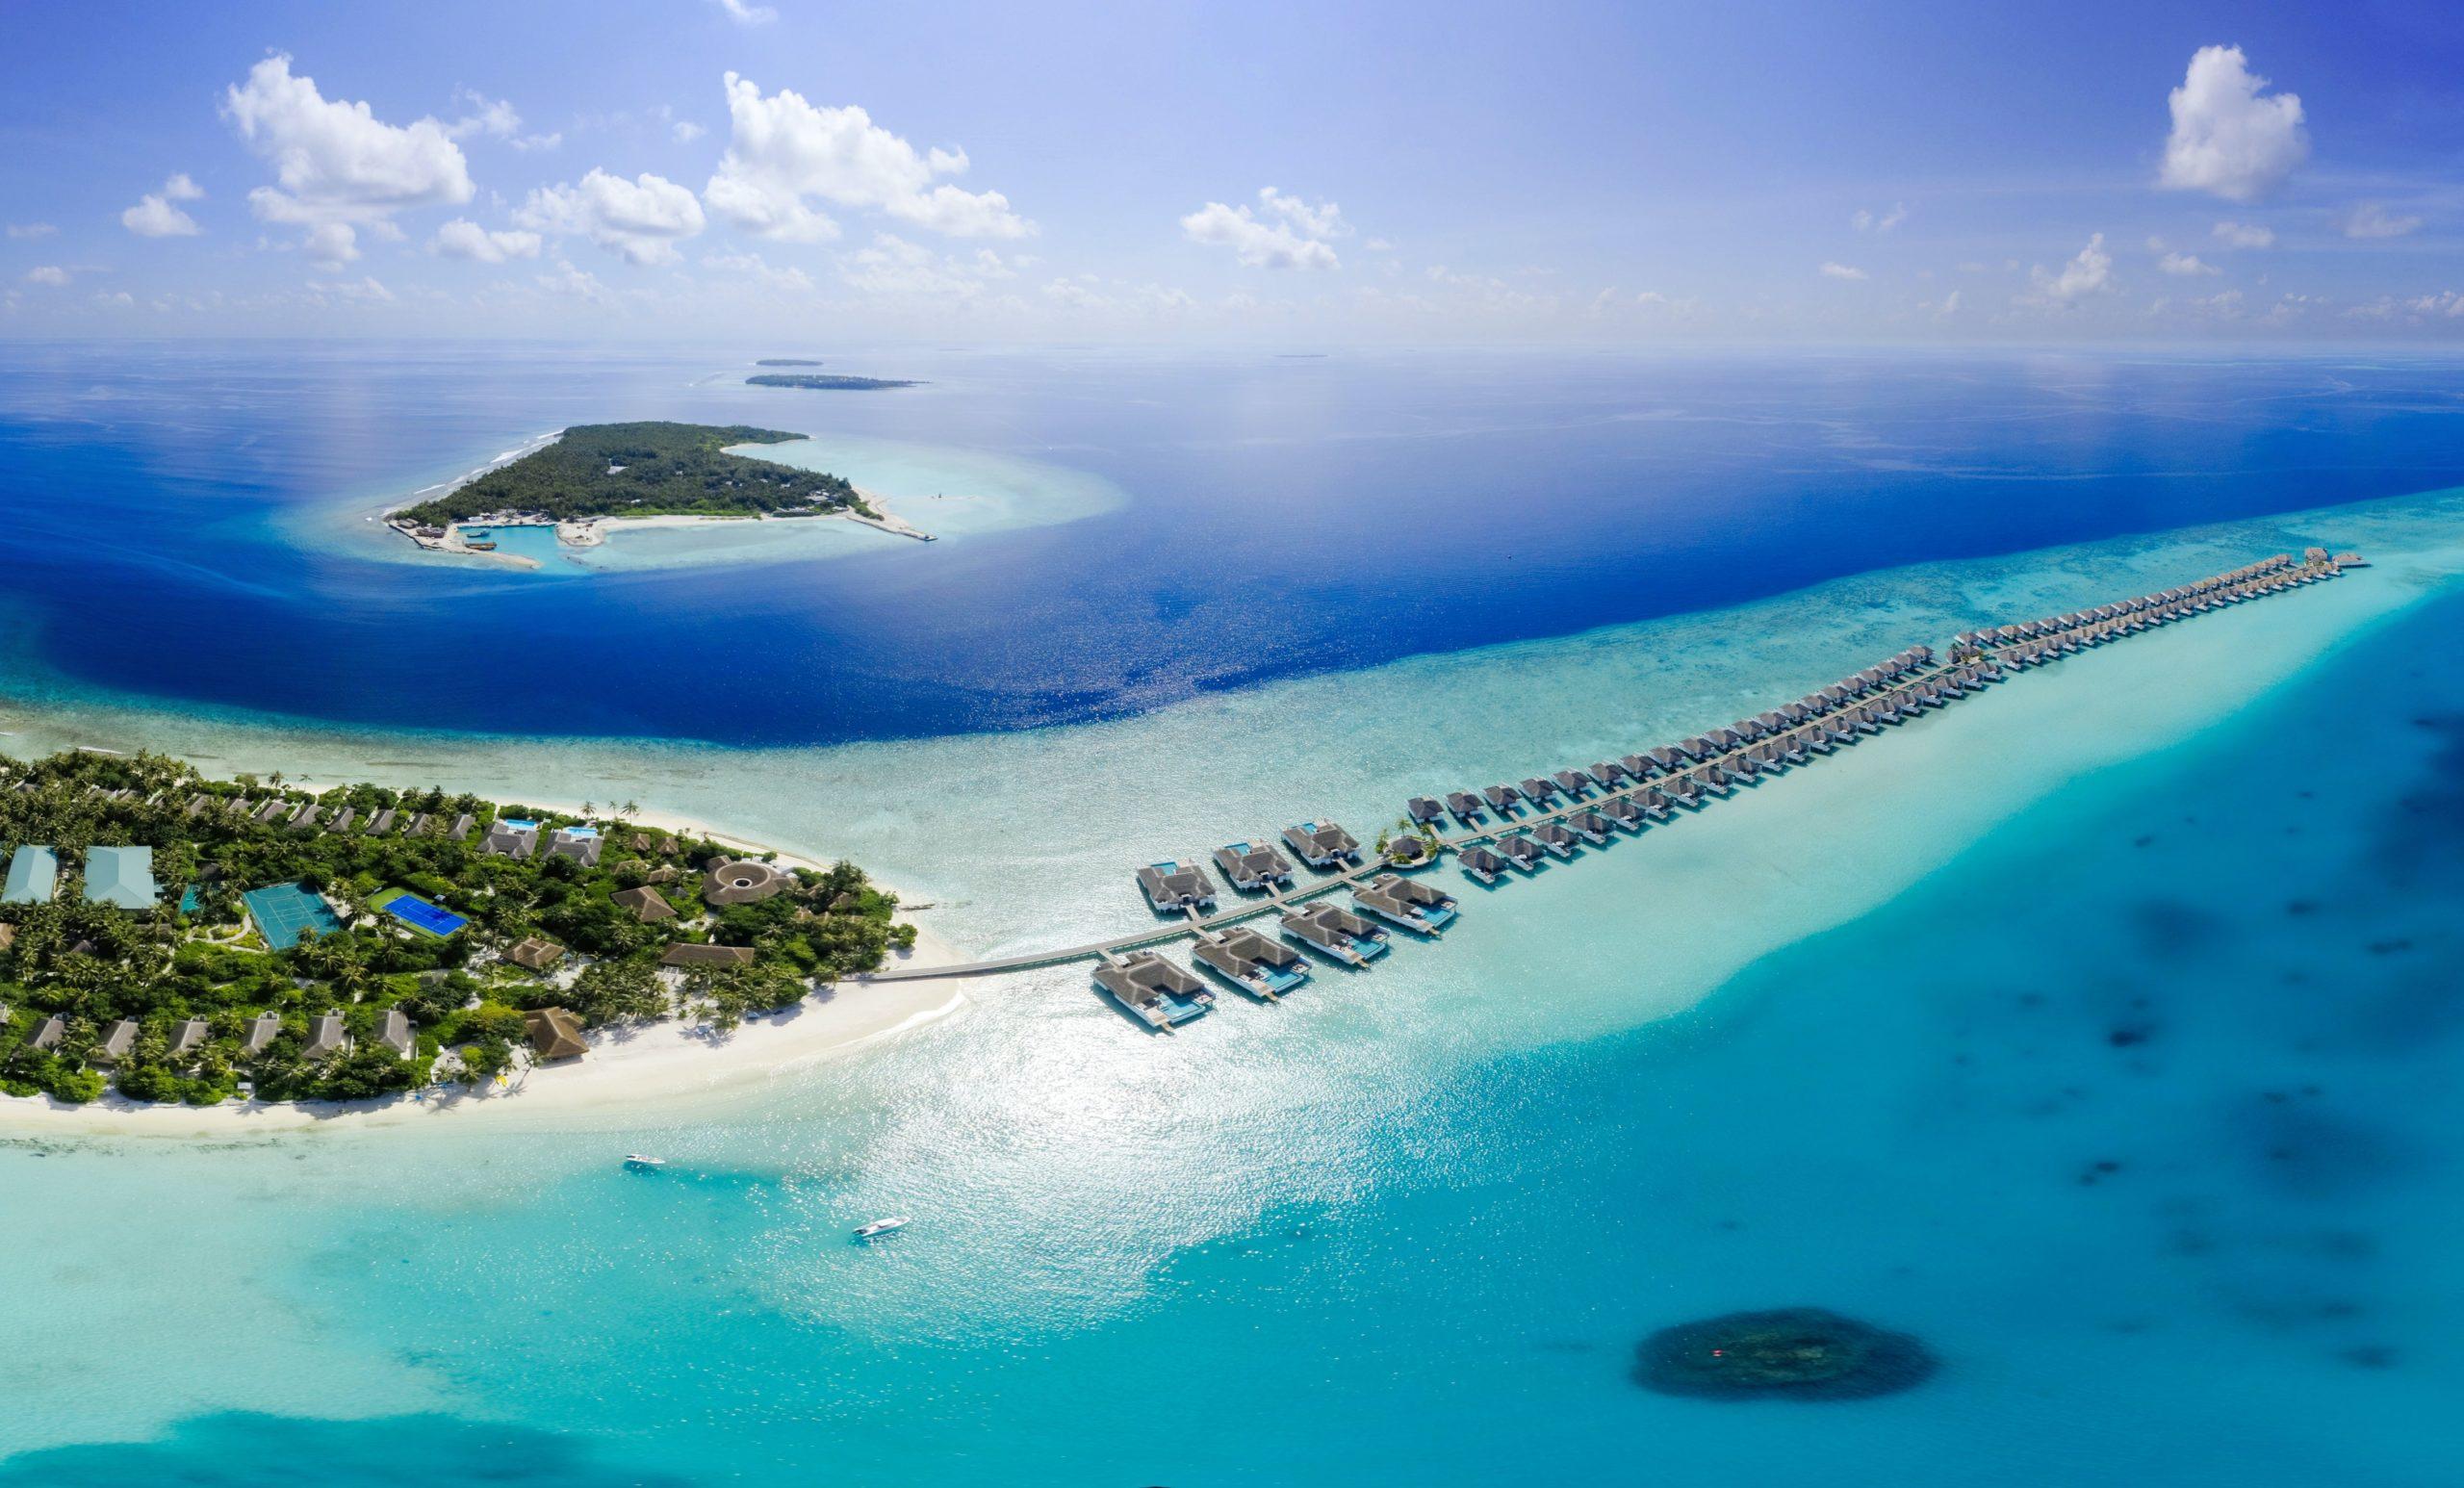 CAPODANNO MALDIVE: SPECIALE PRENOTA PRIMA